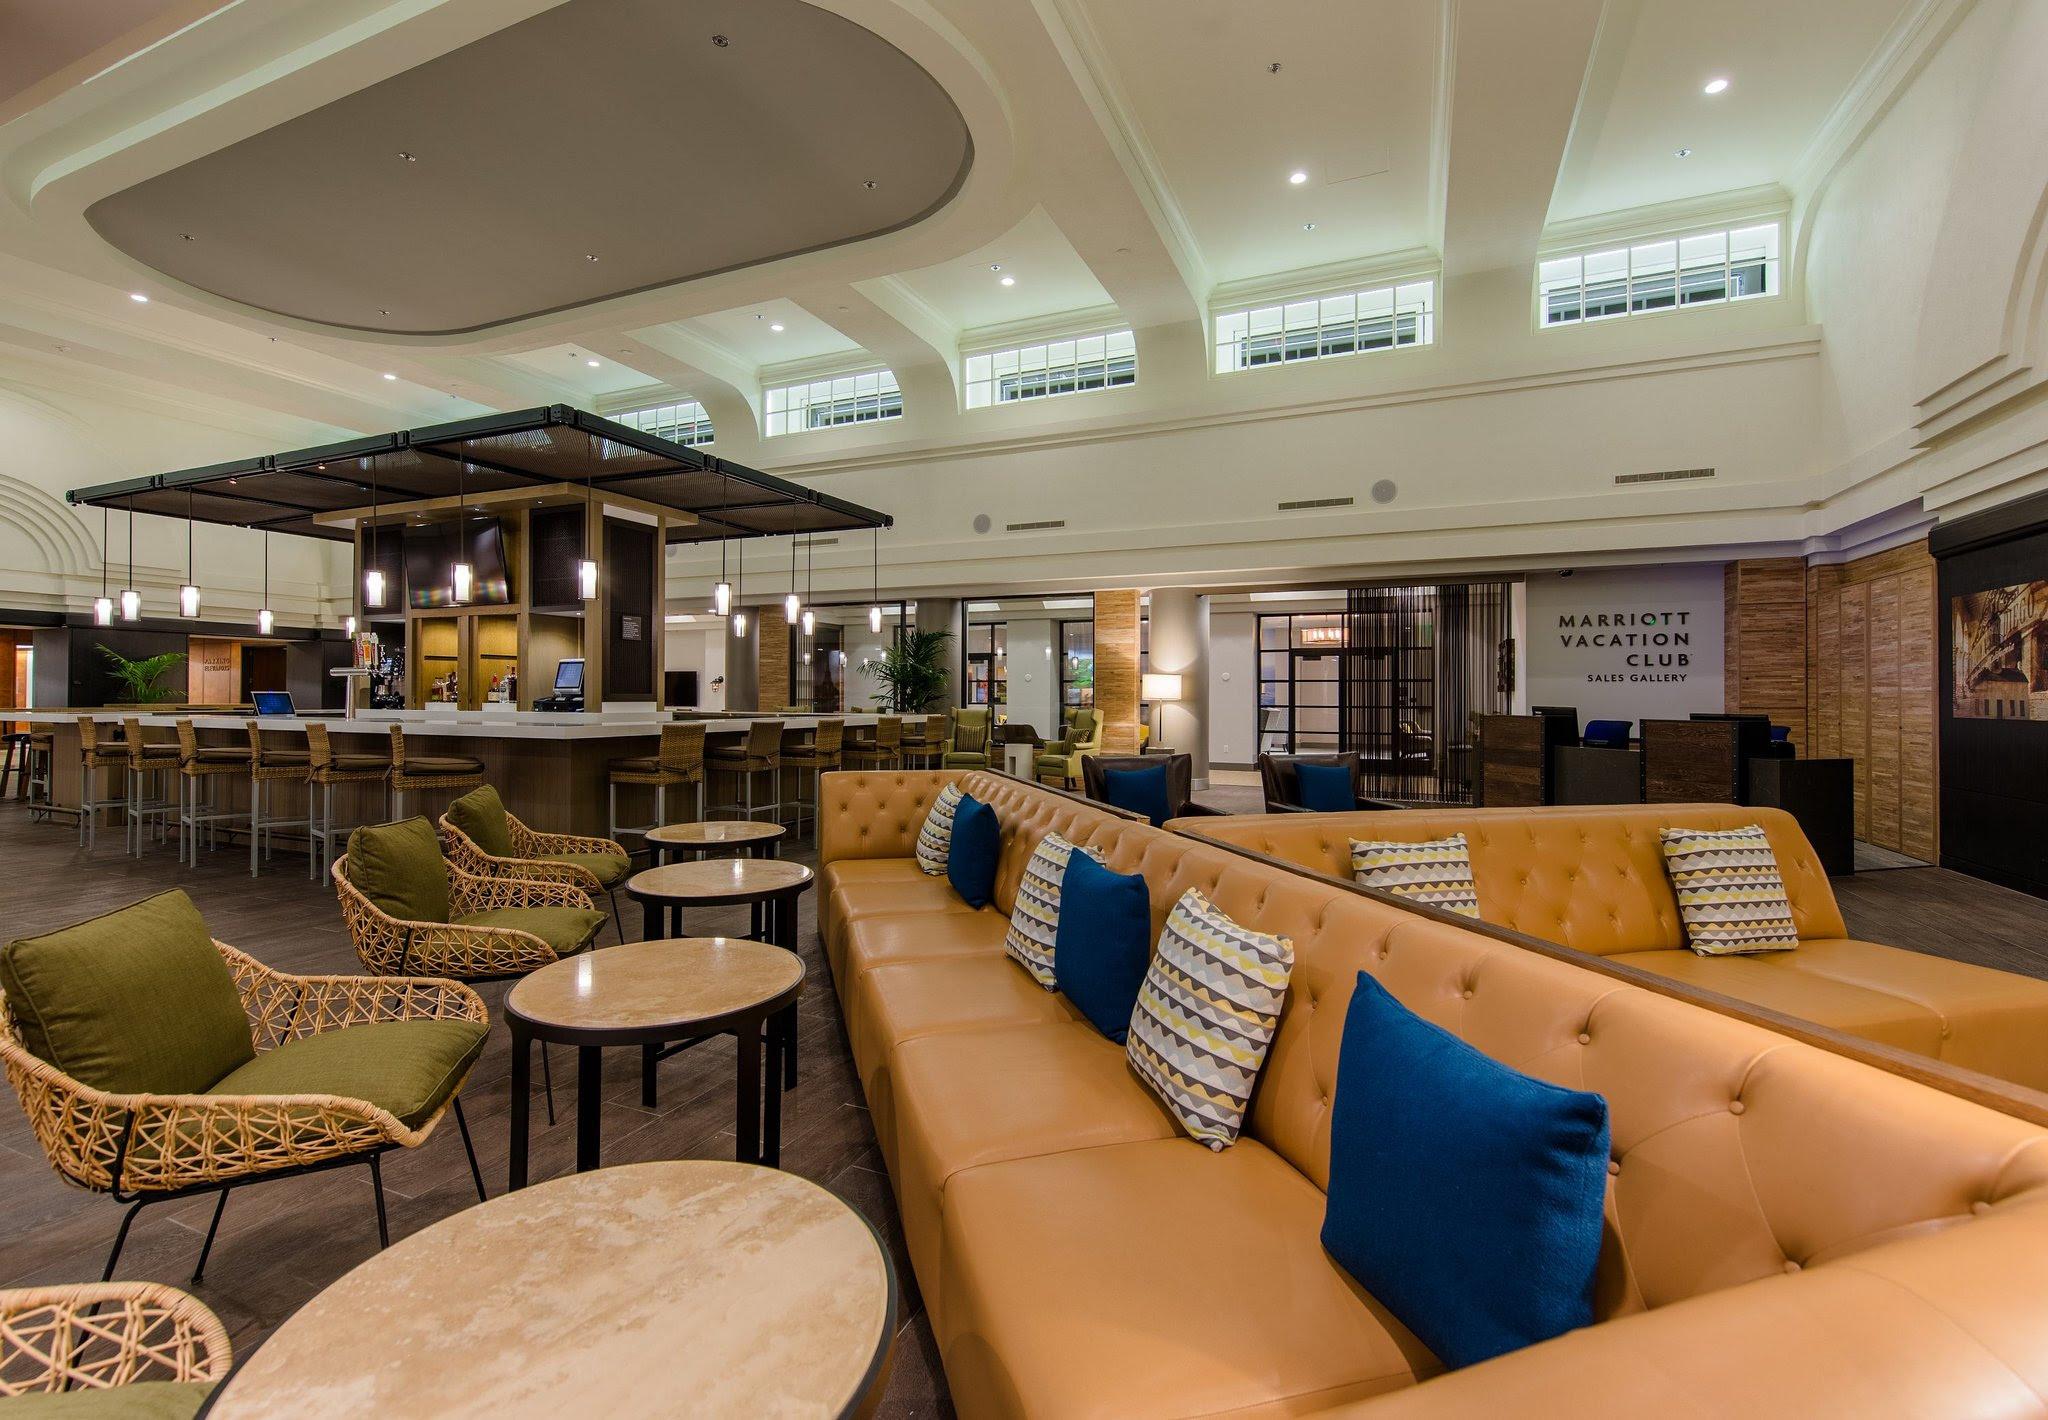 Marriott Vacation Club Pulse San Diego Photos  ARESTravelcom